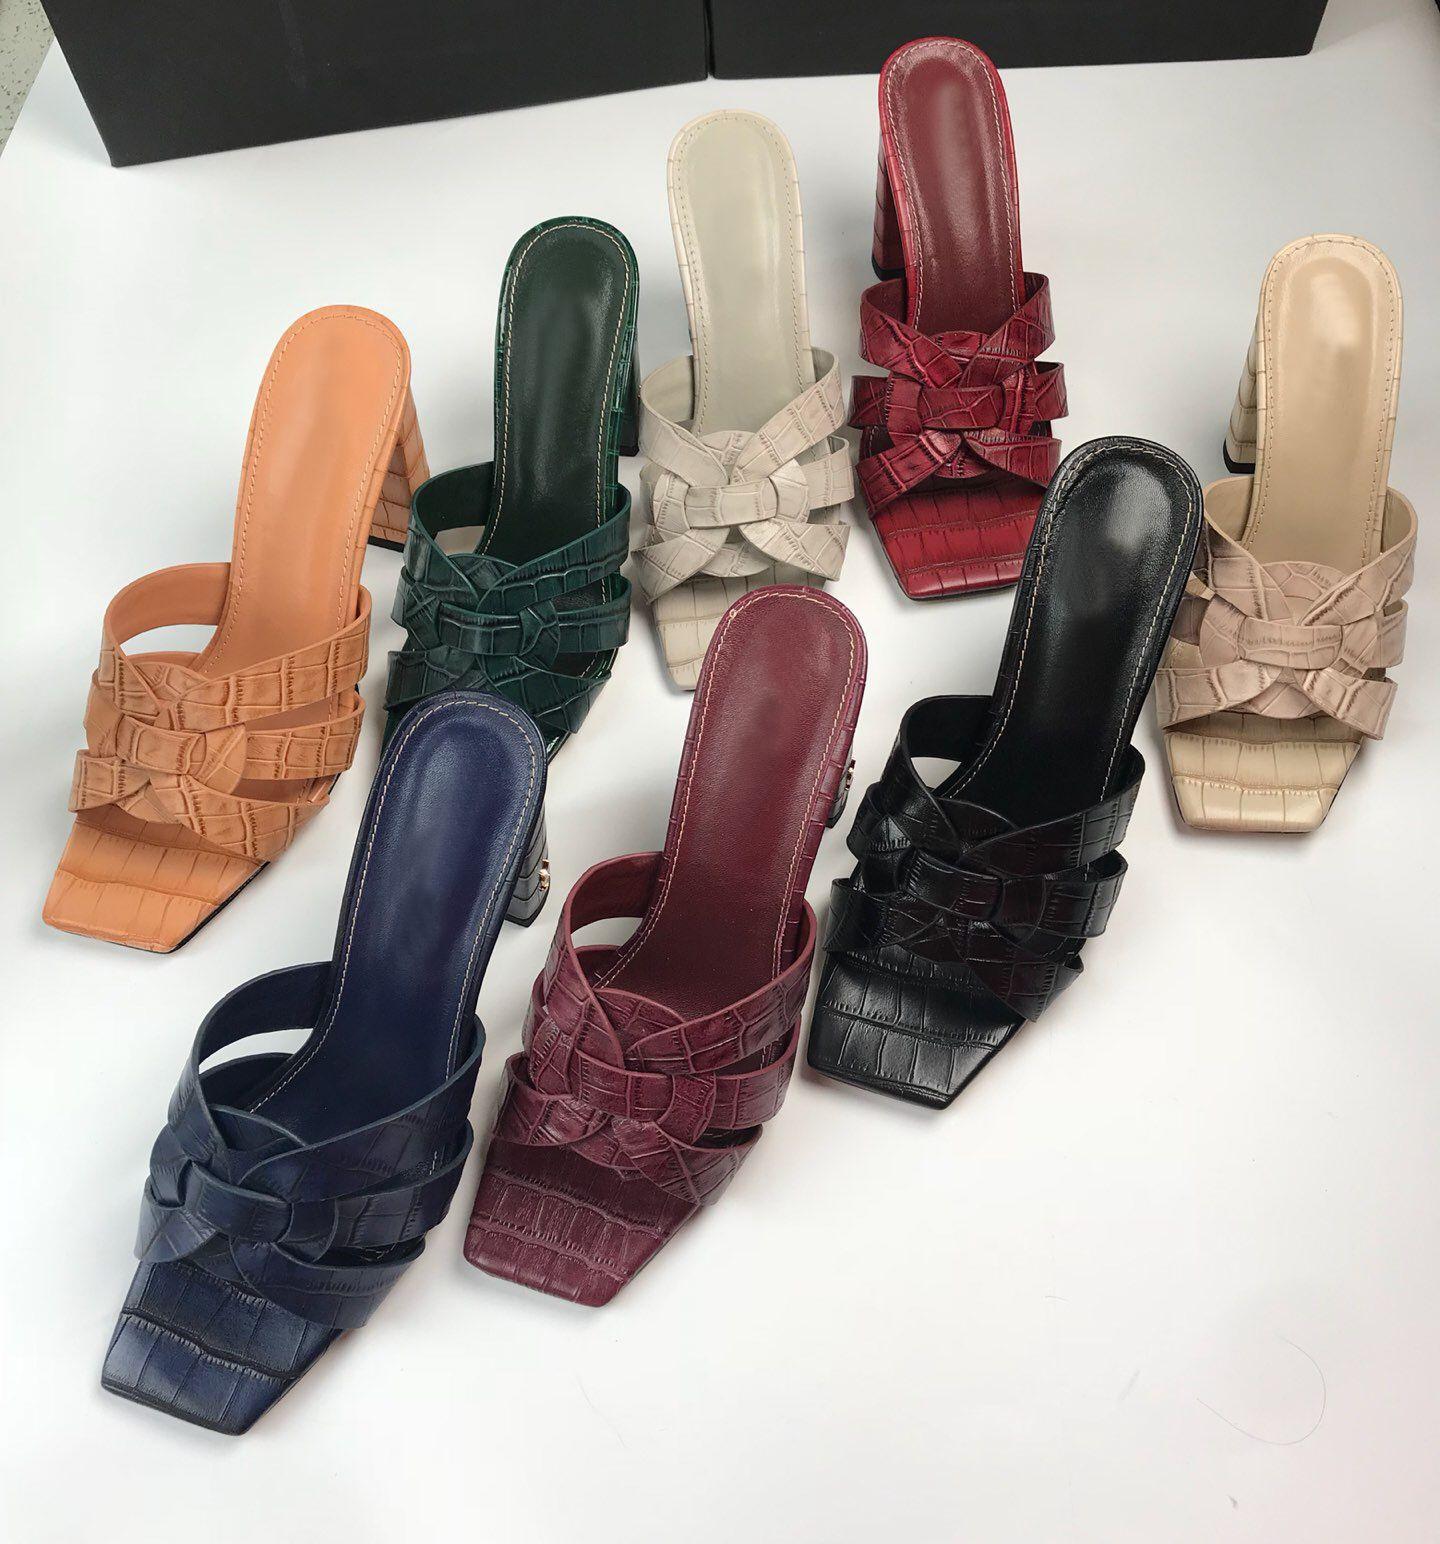 Marka 2020 yüksek kaliteli hakiki deri bayan terlik ayakkabı tasarımcısı kadın Sandals slaytlar topuklar sandalias kadın bayan yaz haraç ayakkabı